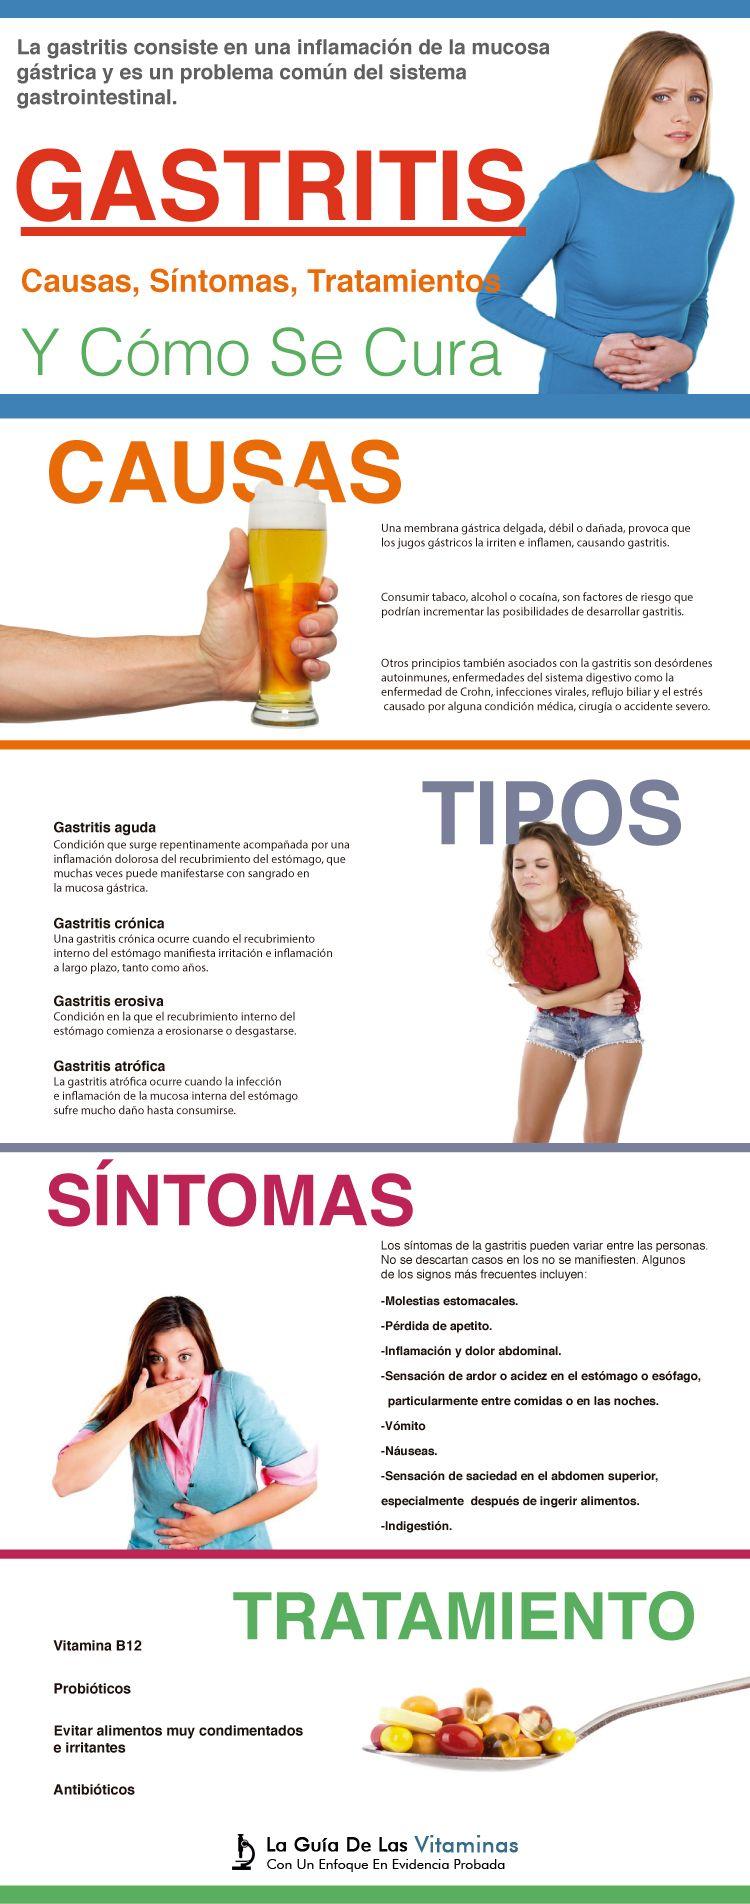 que es la gastritis causas sintomas y tratamiento